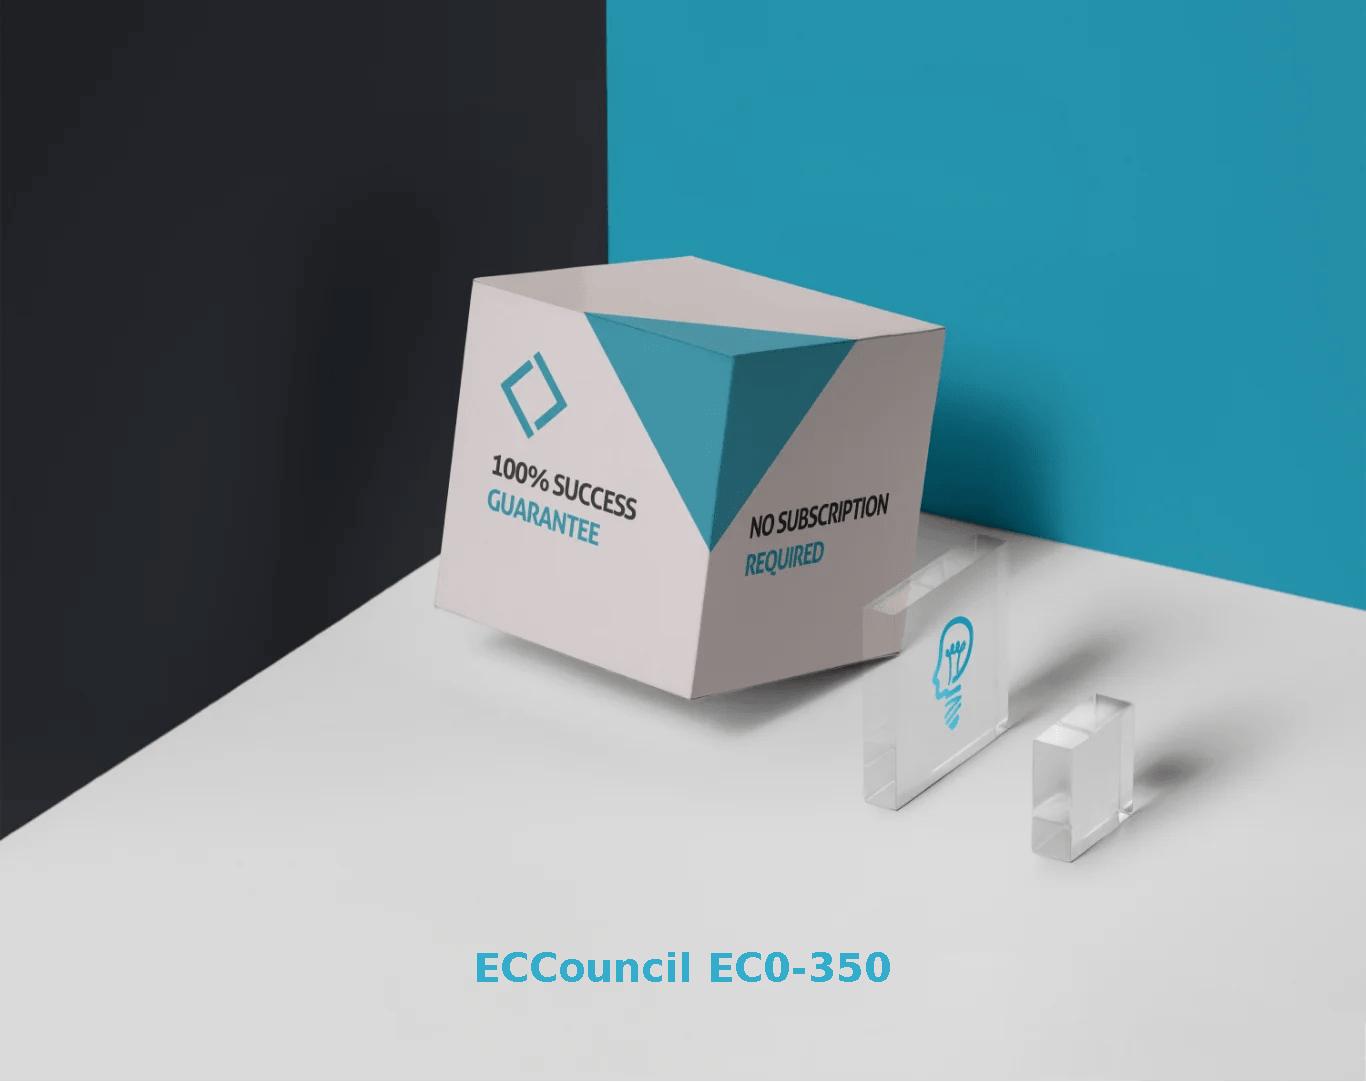 EC0-350 Dumps